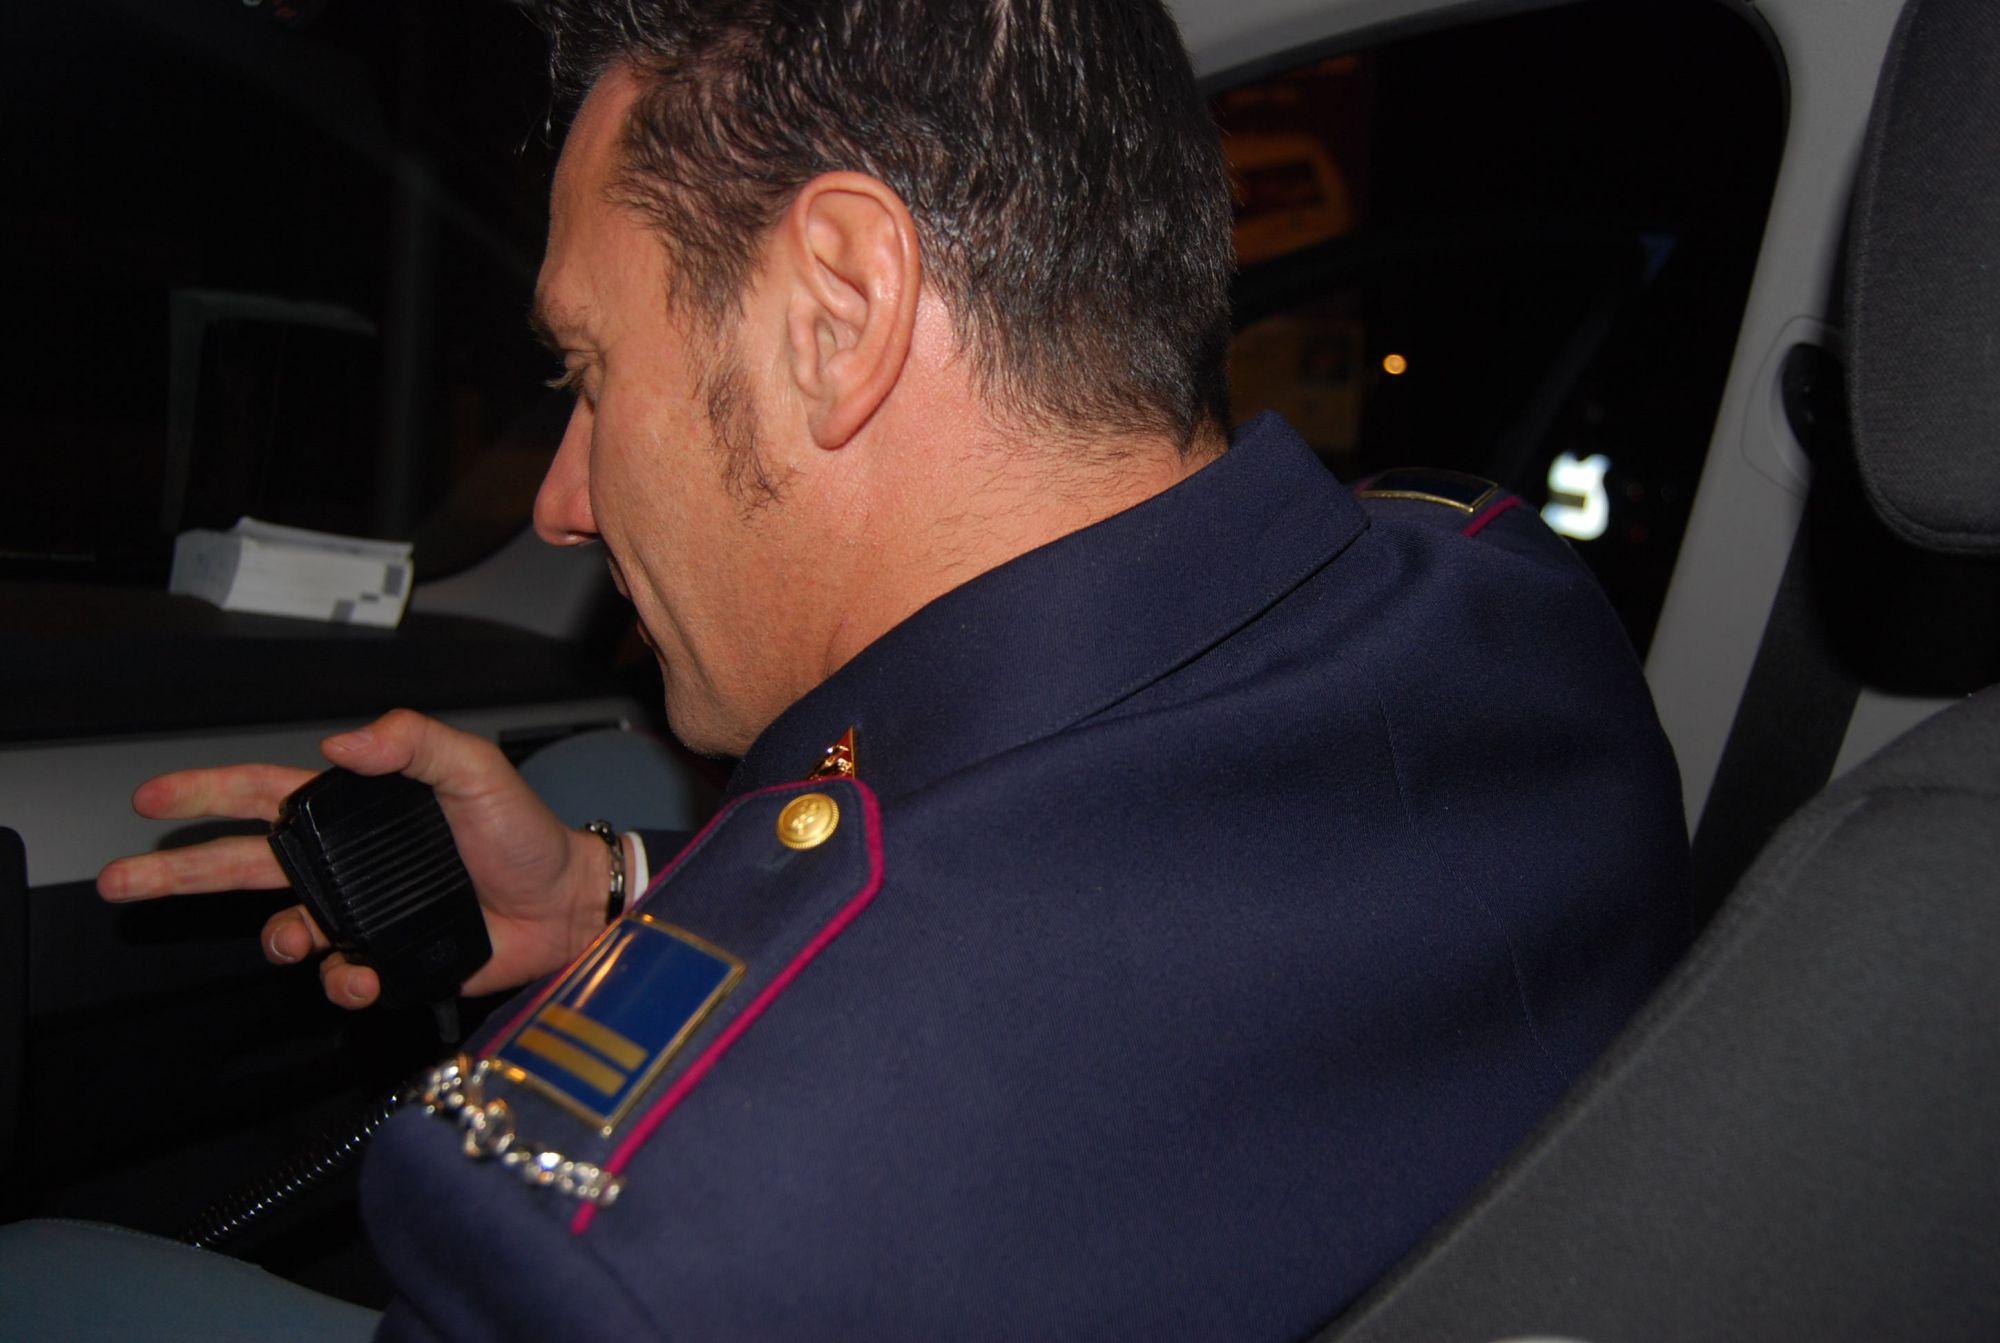 Ipovedente sedotta per soldi, il poliziotto in carcere accusato anche di circonvenzione di incapace